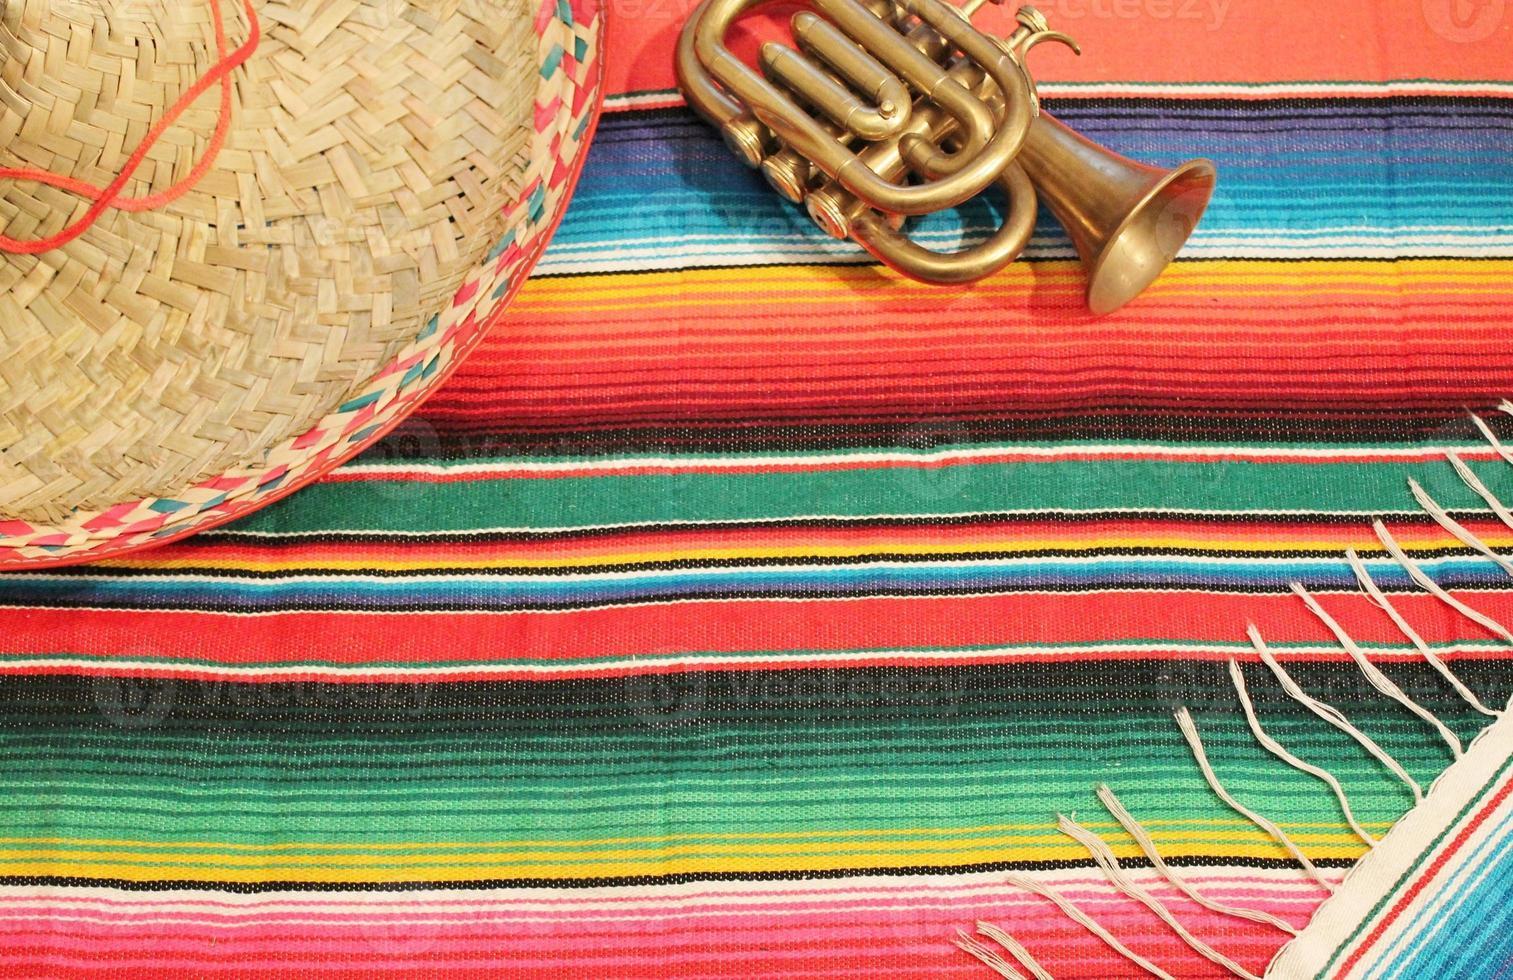 mexikanische Fiesta Poncho Teppich Sombrero Hintergrund Kopie Raum foto